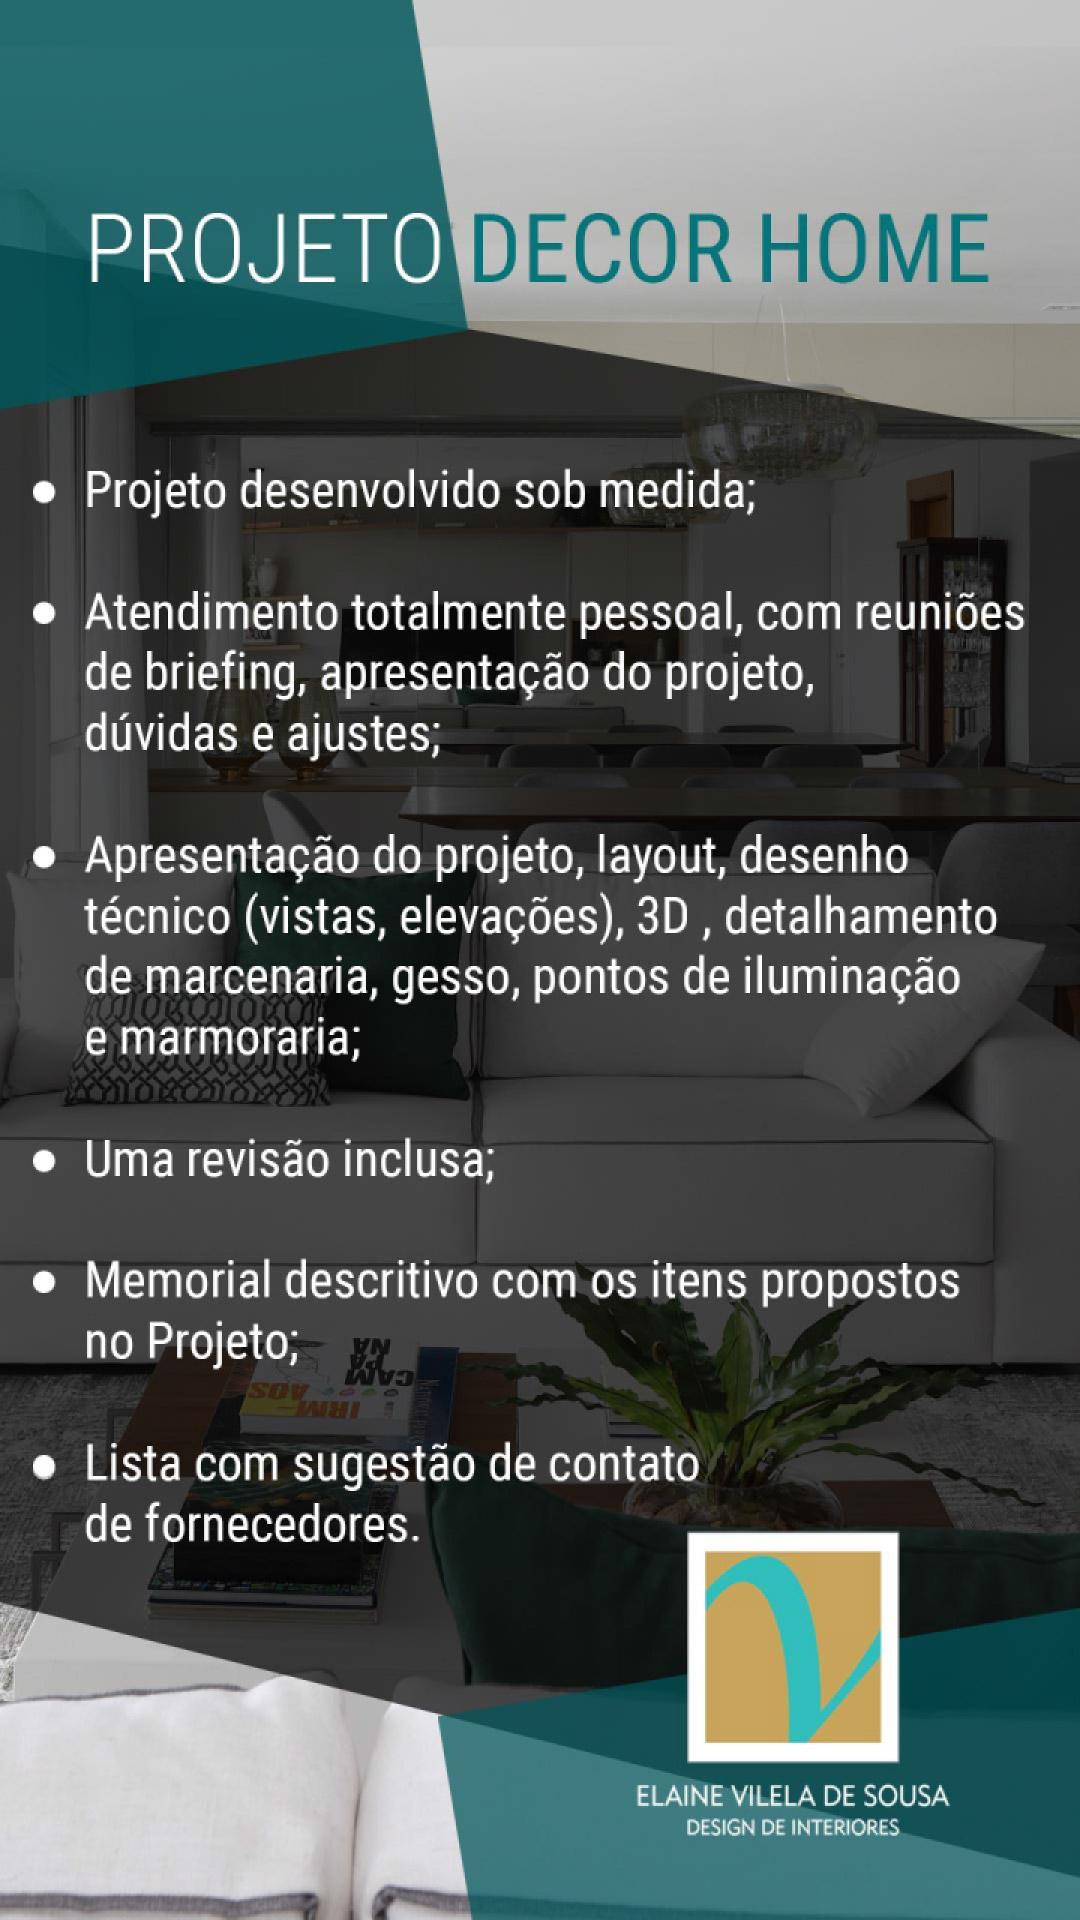 Projeto-Decor-Home---Elaine-Vilela-de-Sousa-5